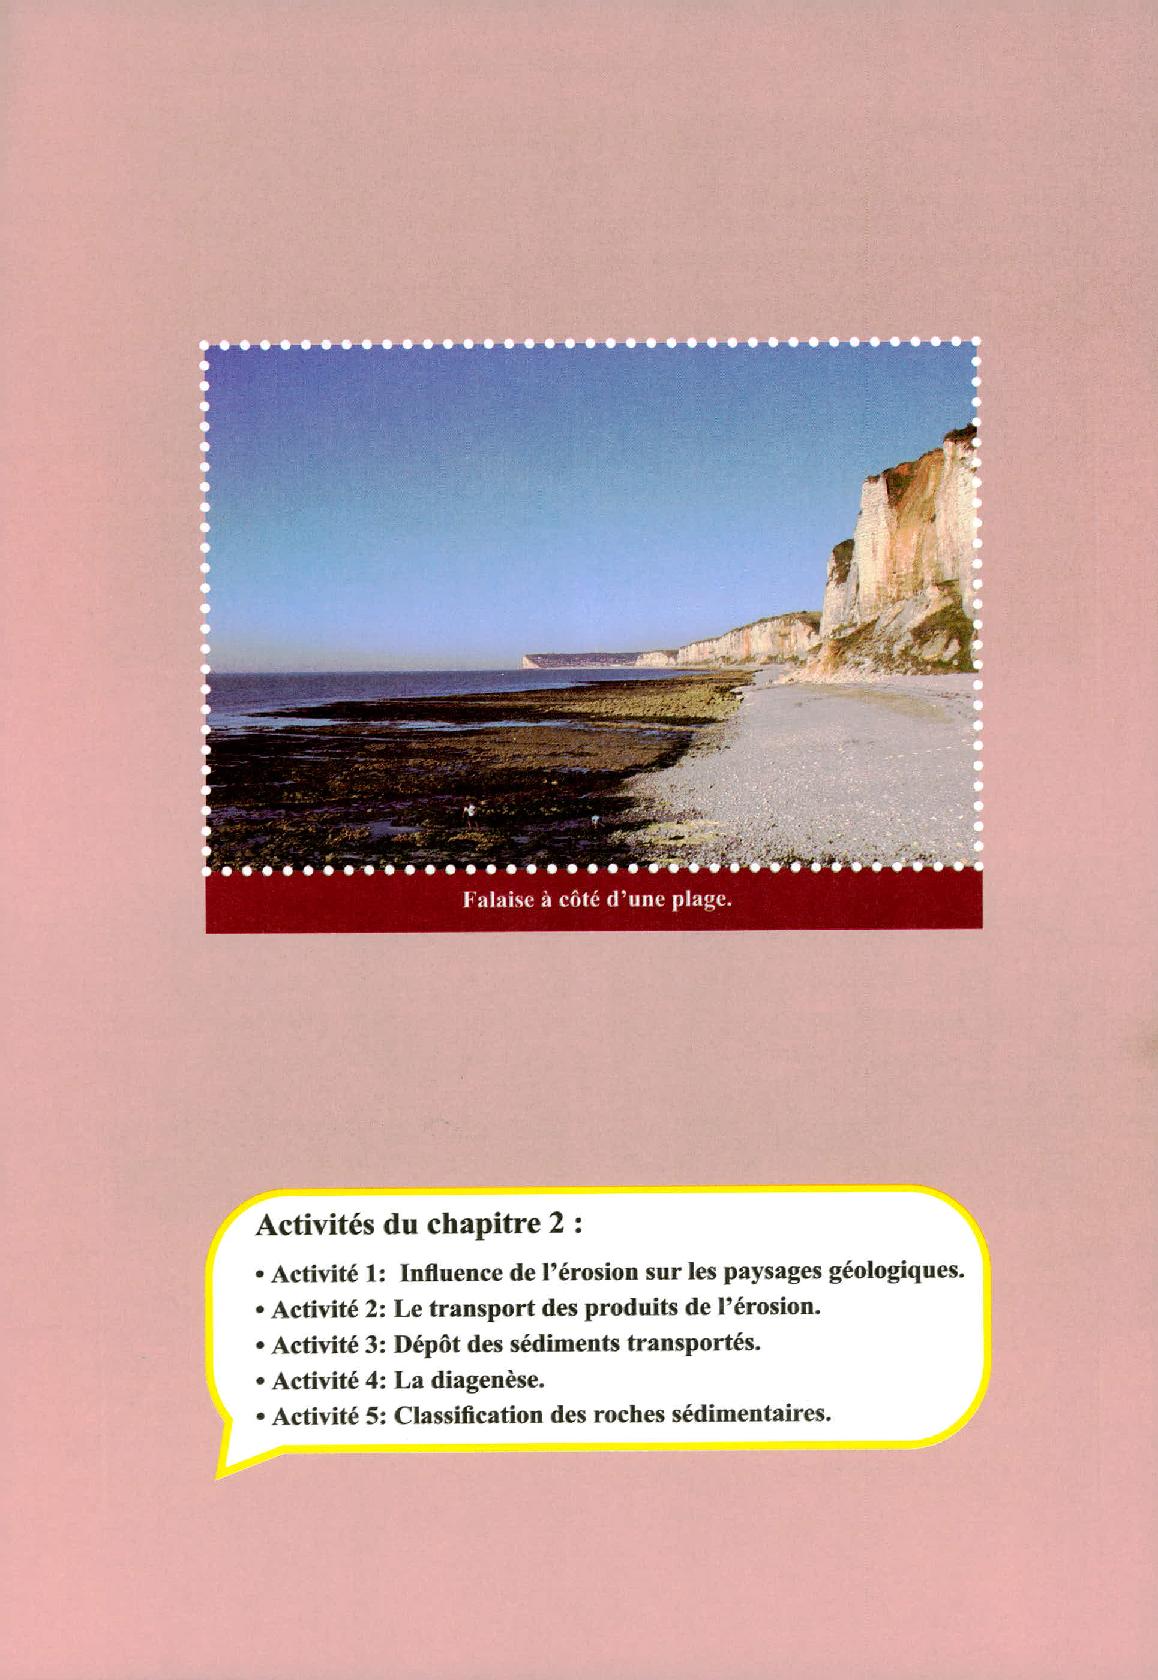 درس La formation des roches sédimentaires للسنة الأولى اعدادي